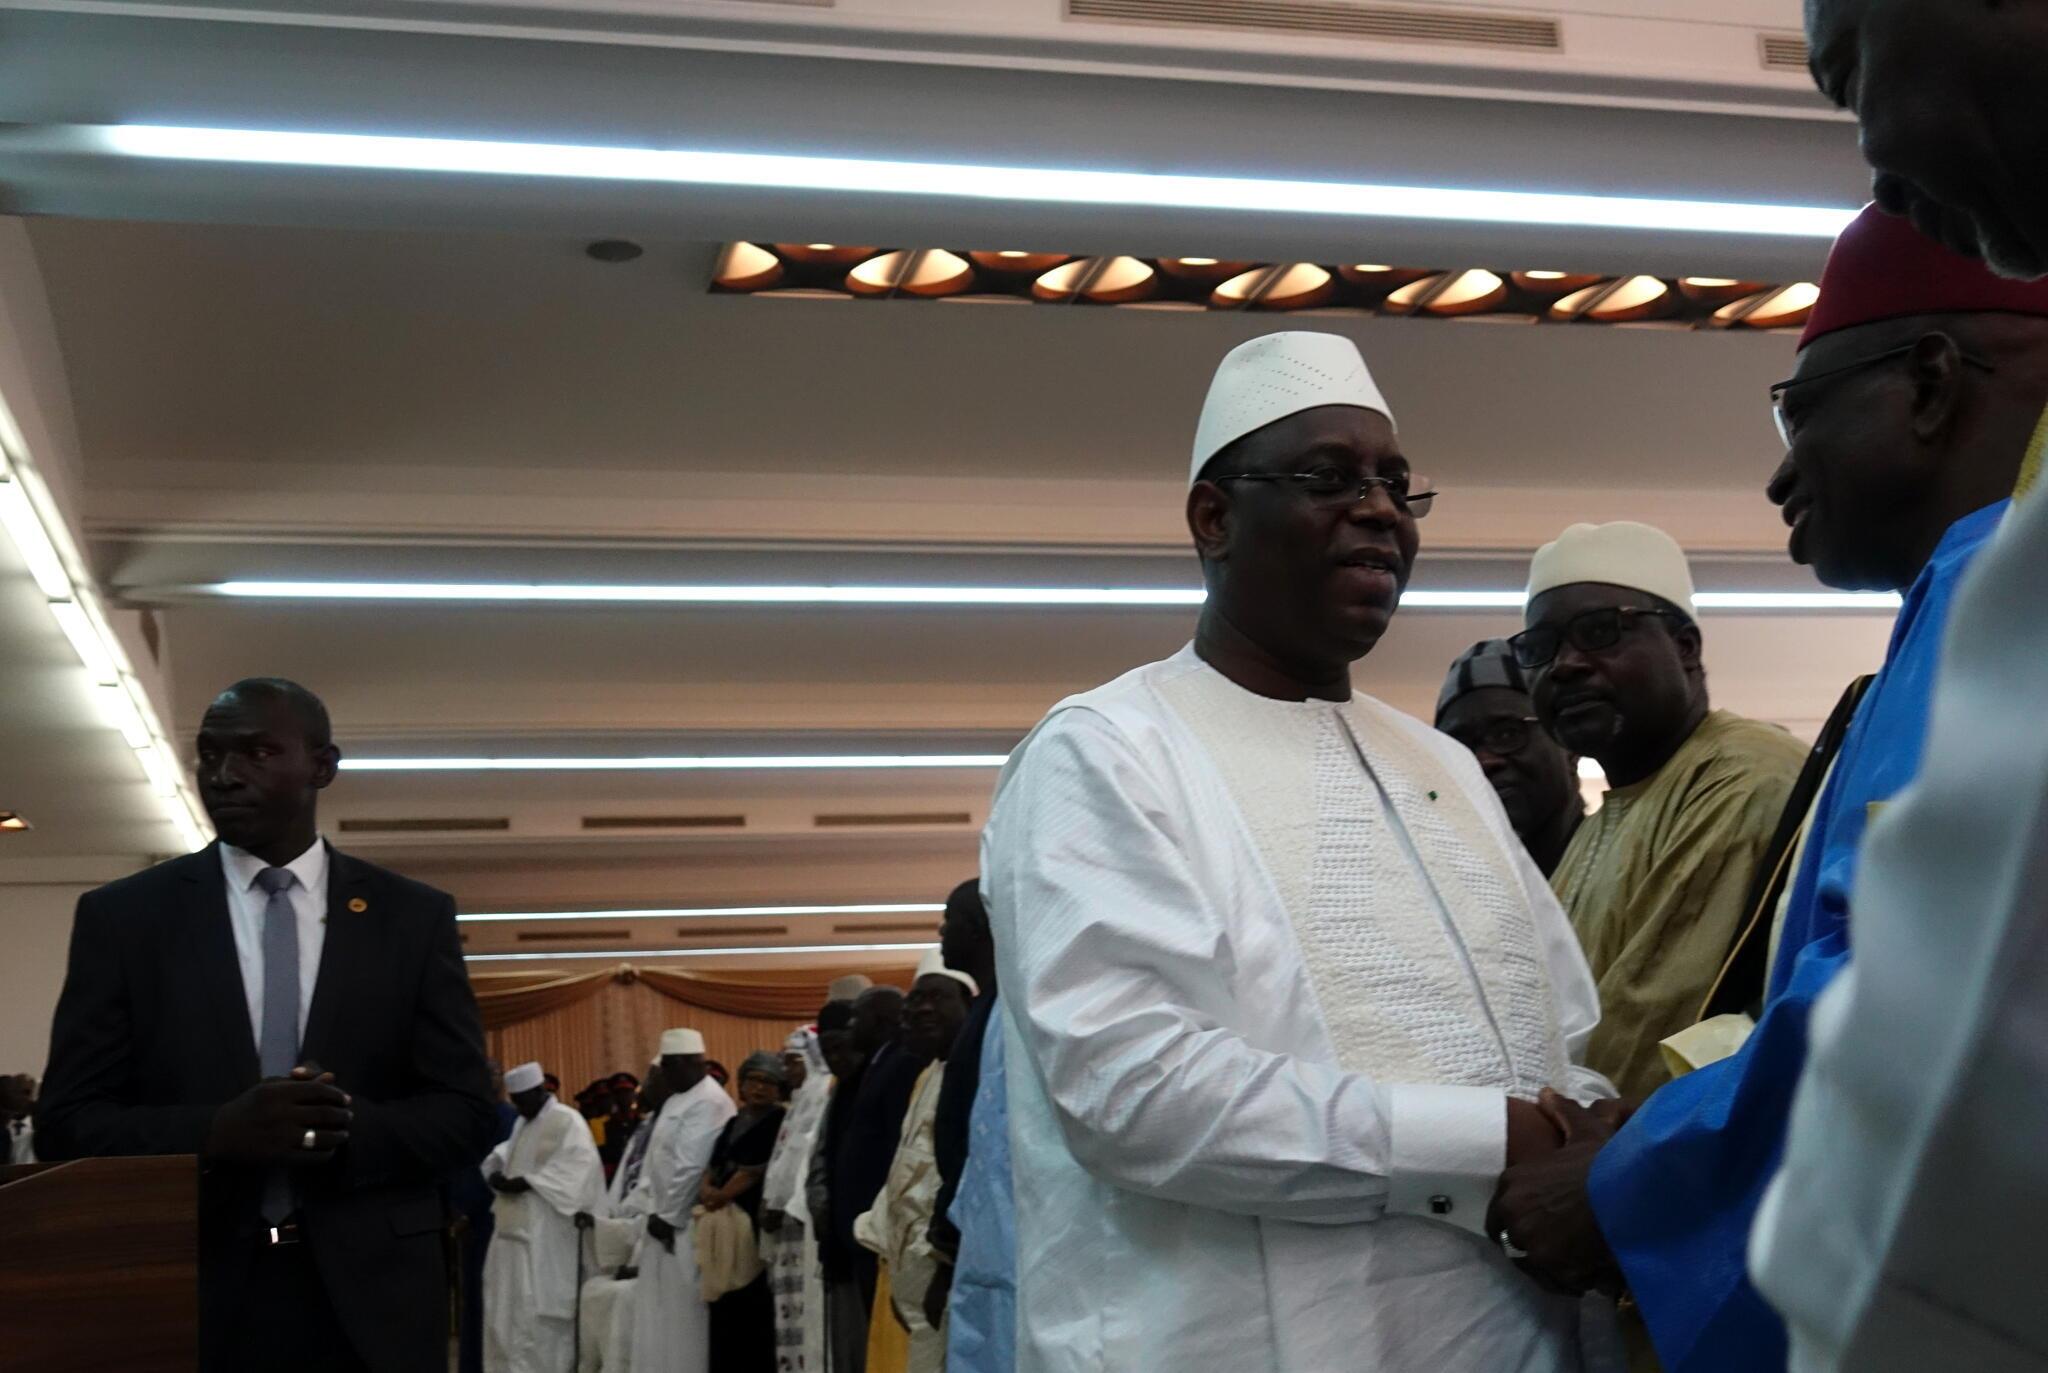 Le président Macky Sall à l'ouverture du dialogue national à la salle des banquets de la présidence, à Dakar, le 28 mai 2019. (image d'illustration)